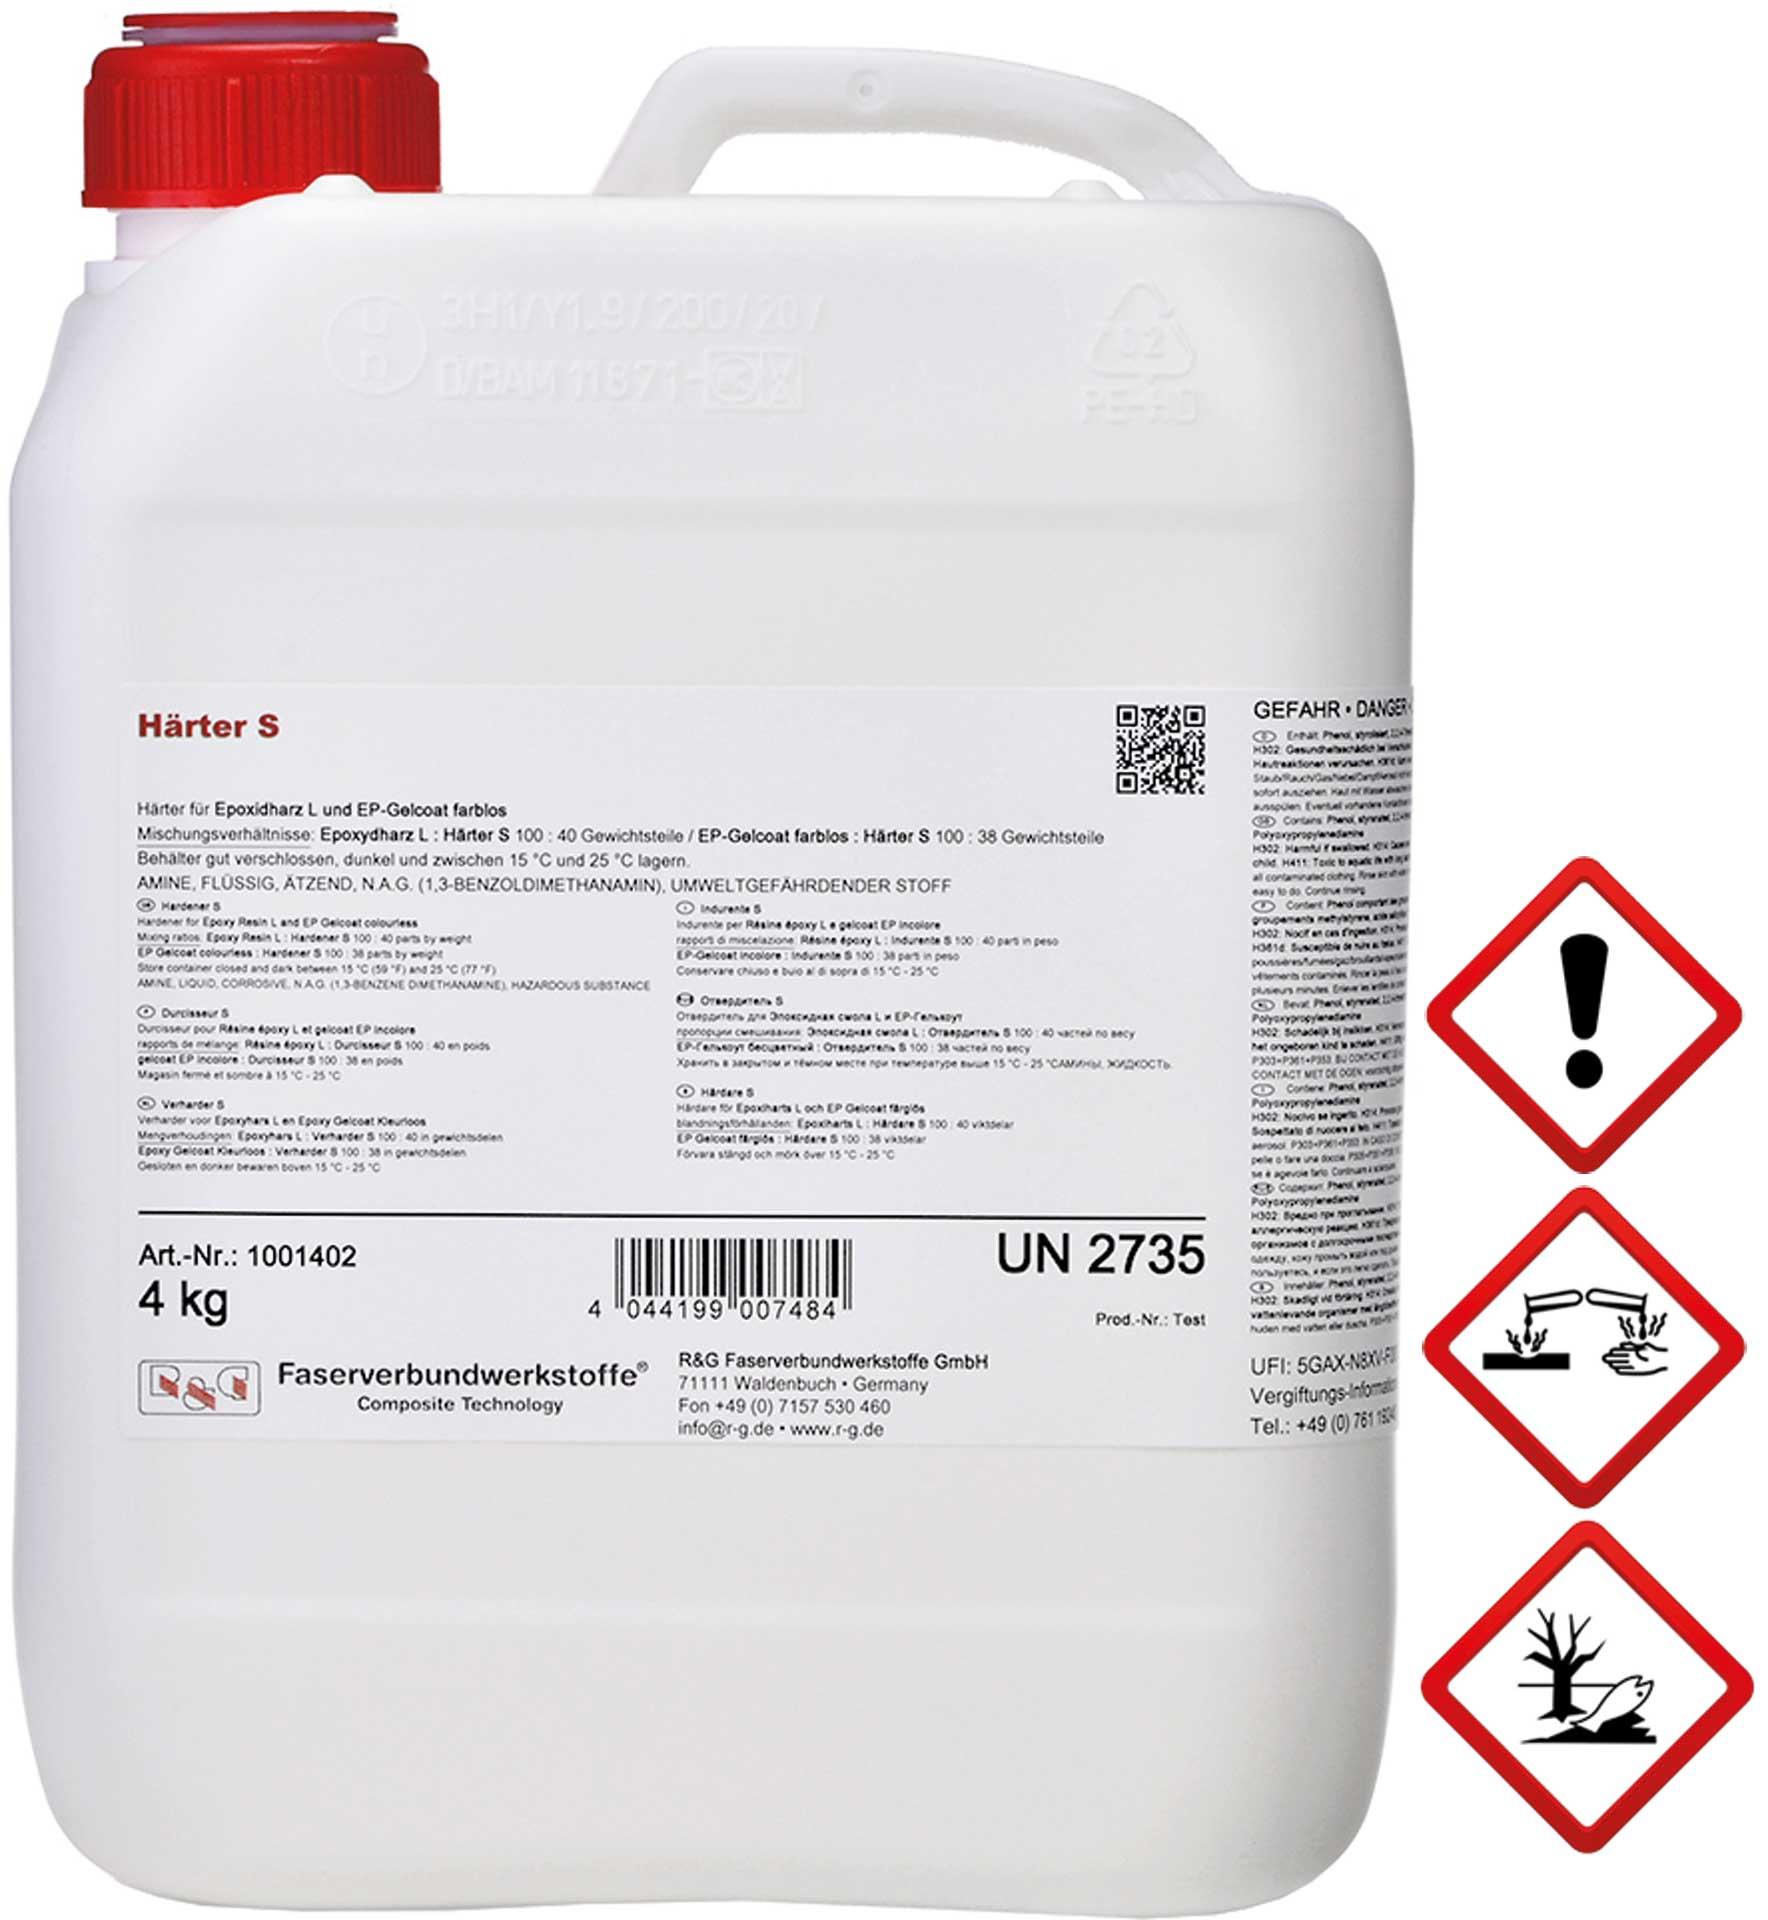 R&G Härter S, Flasche/ 1 kg